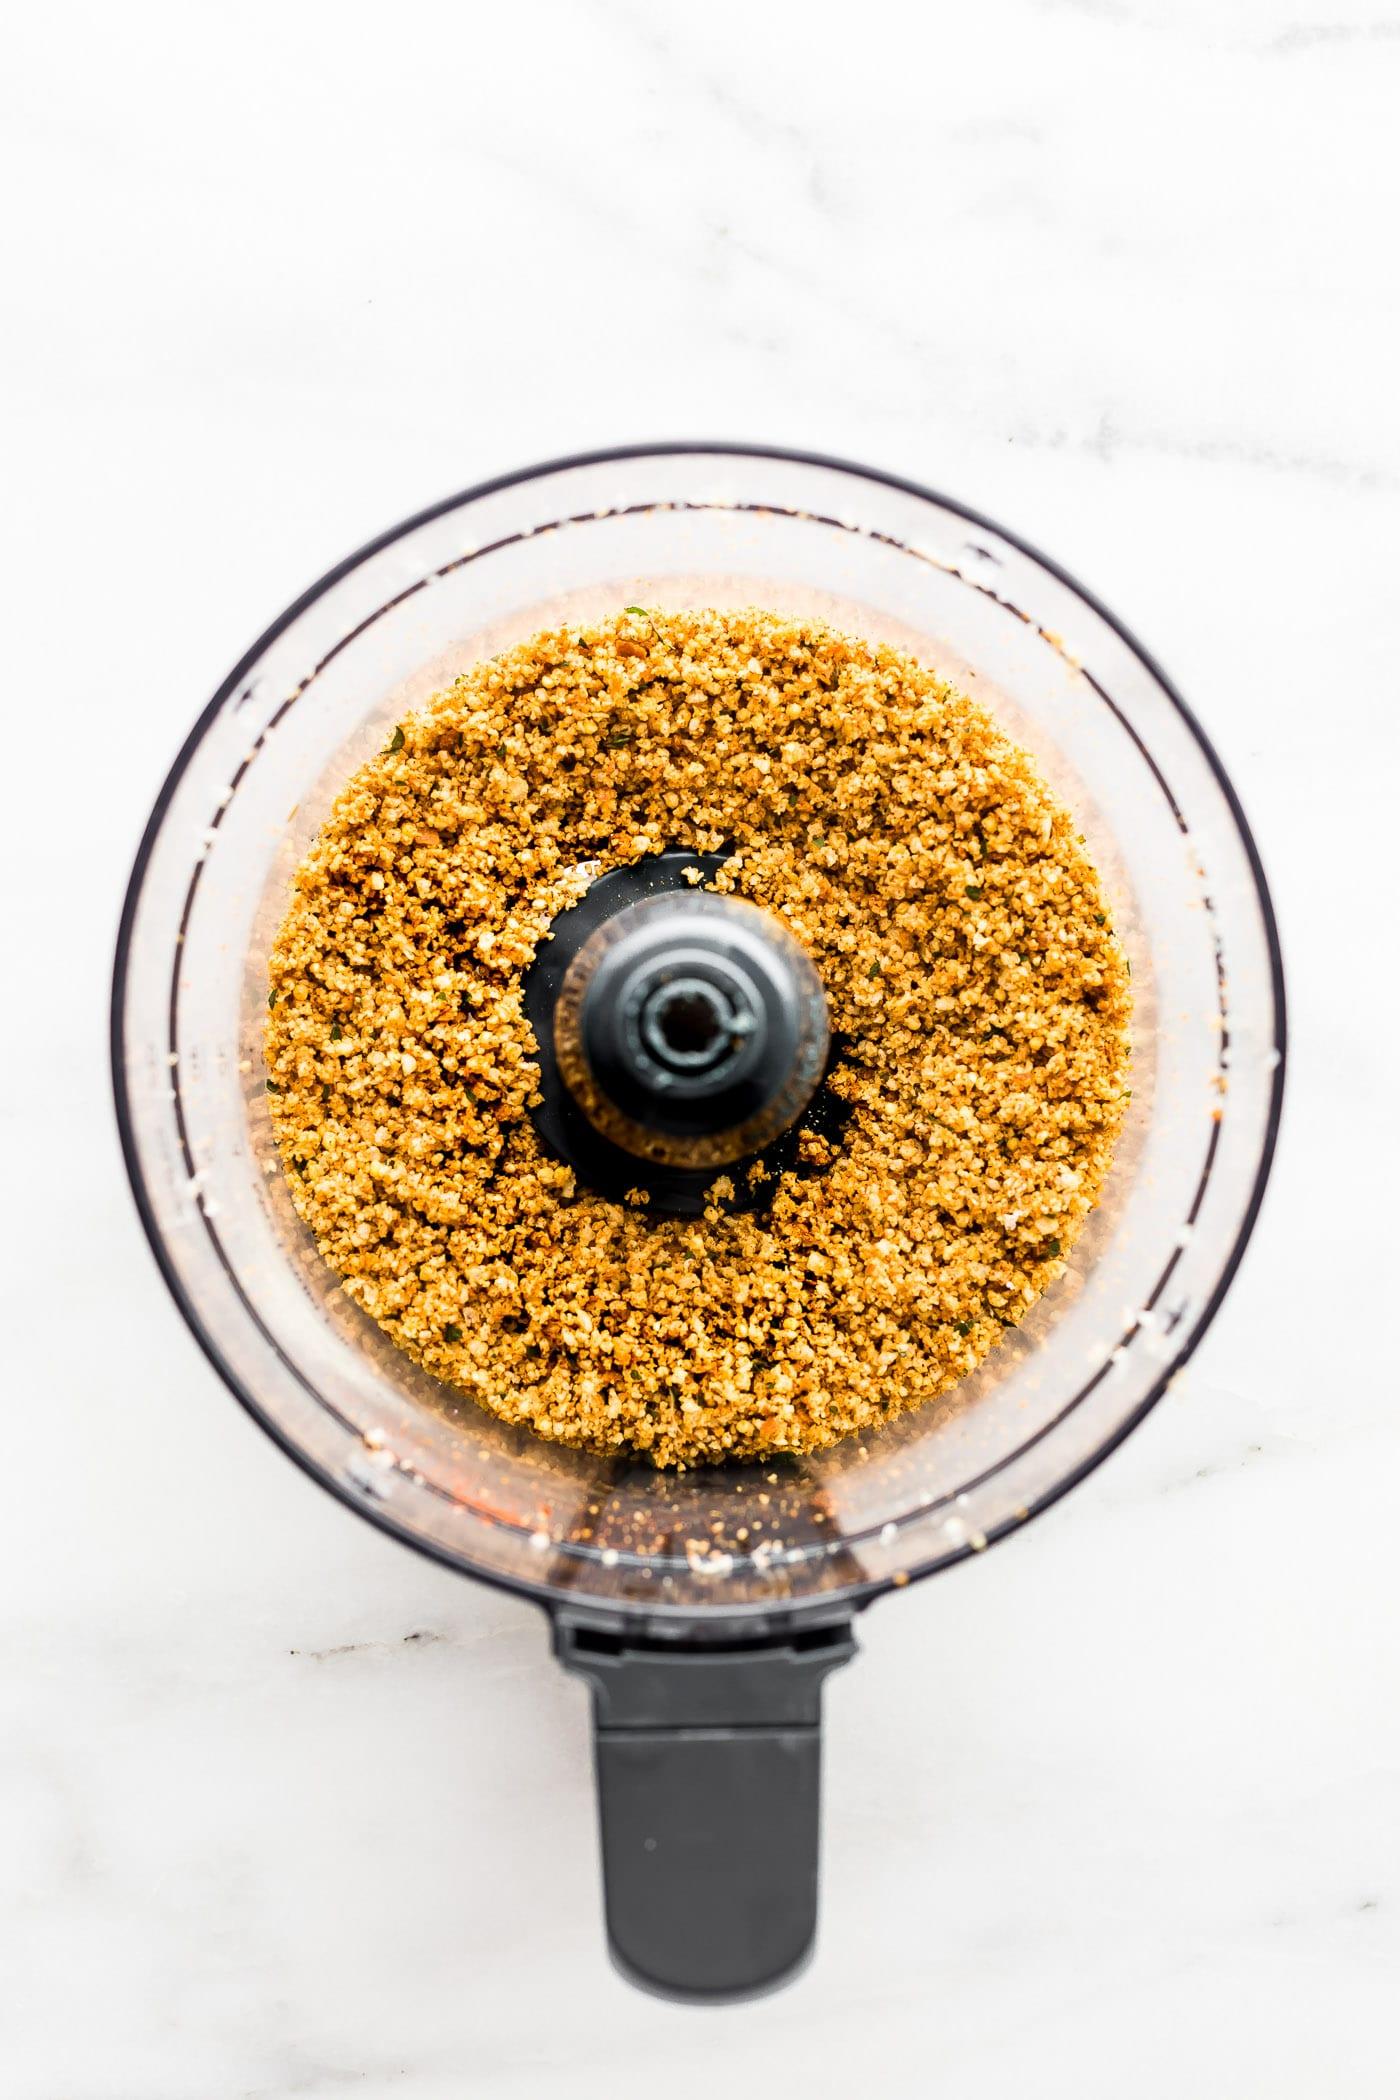 Gluten-Free Panko breadcrumbs in a food processor